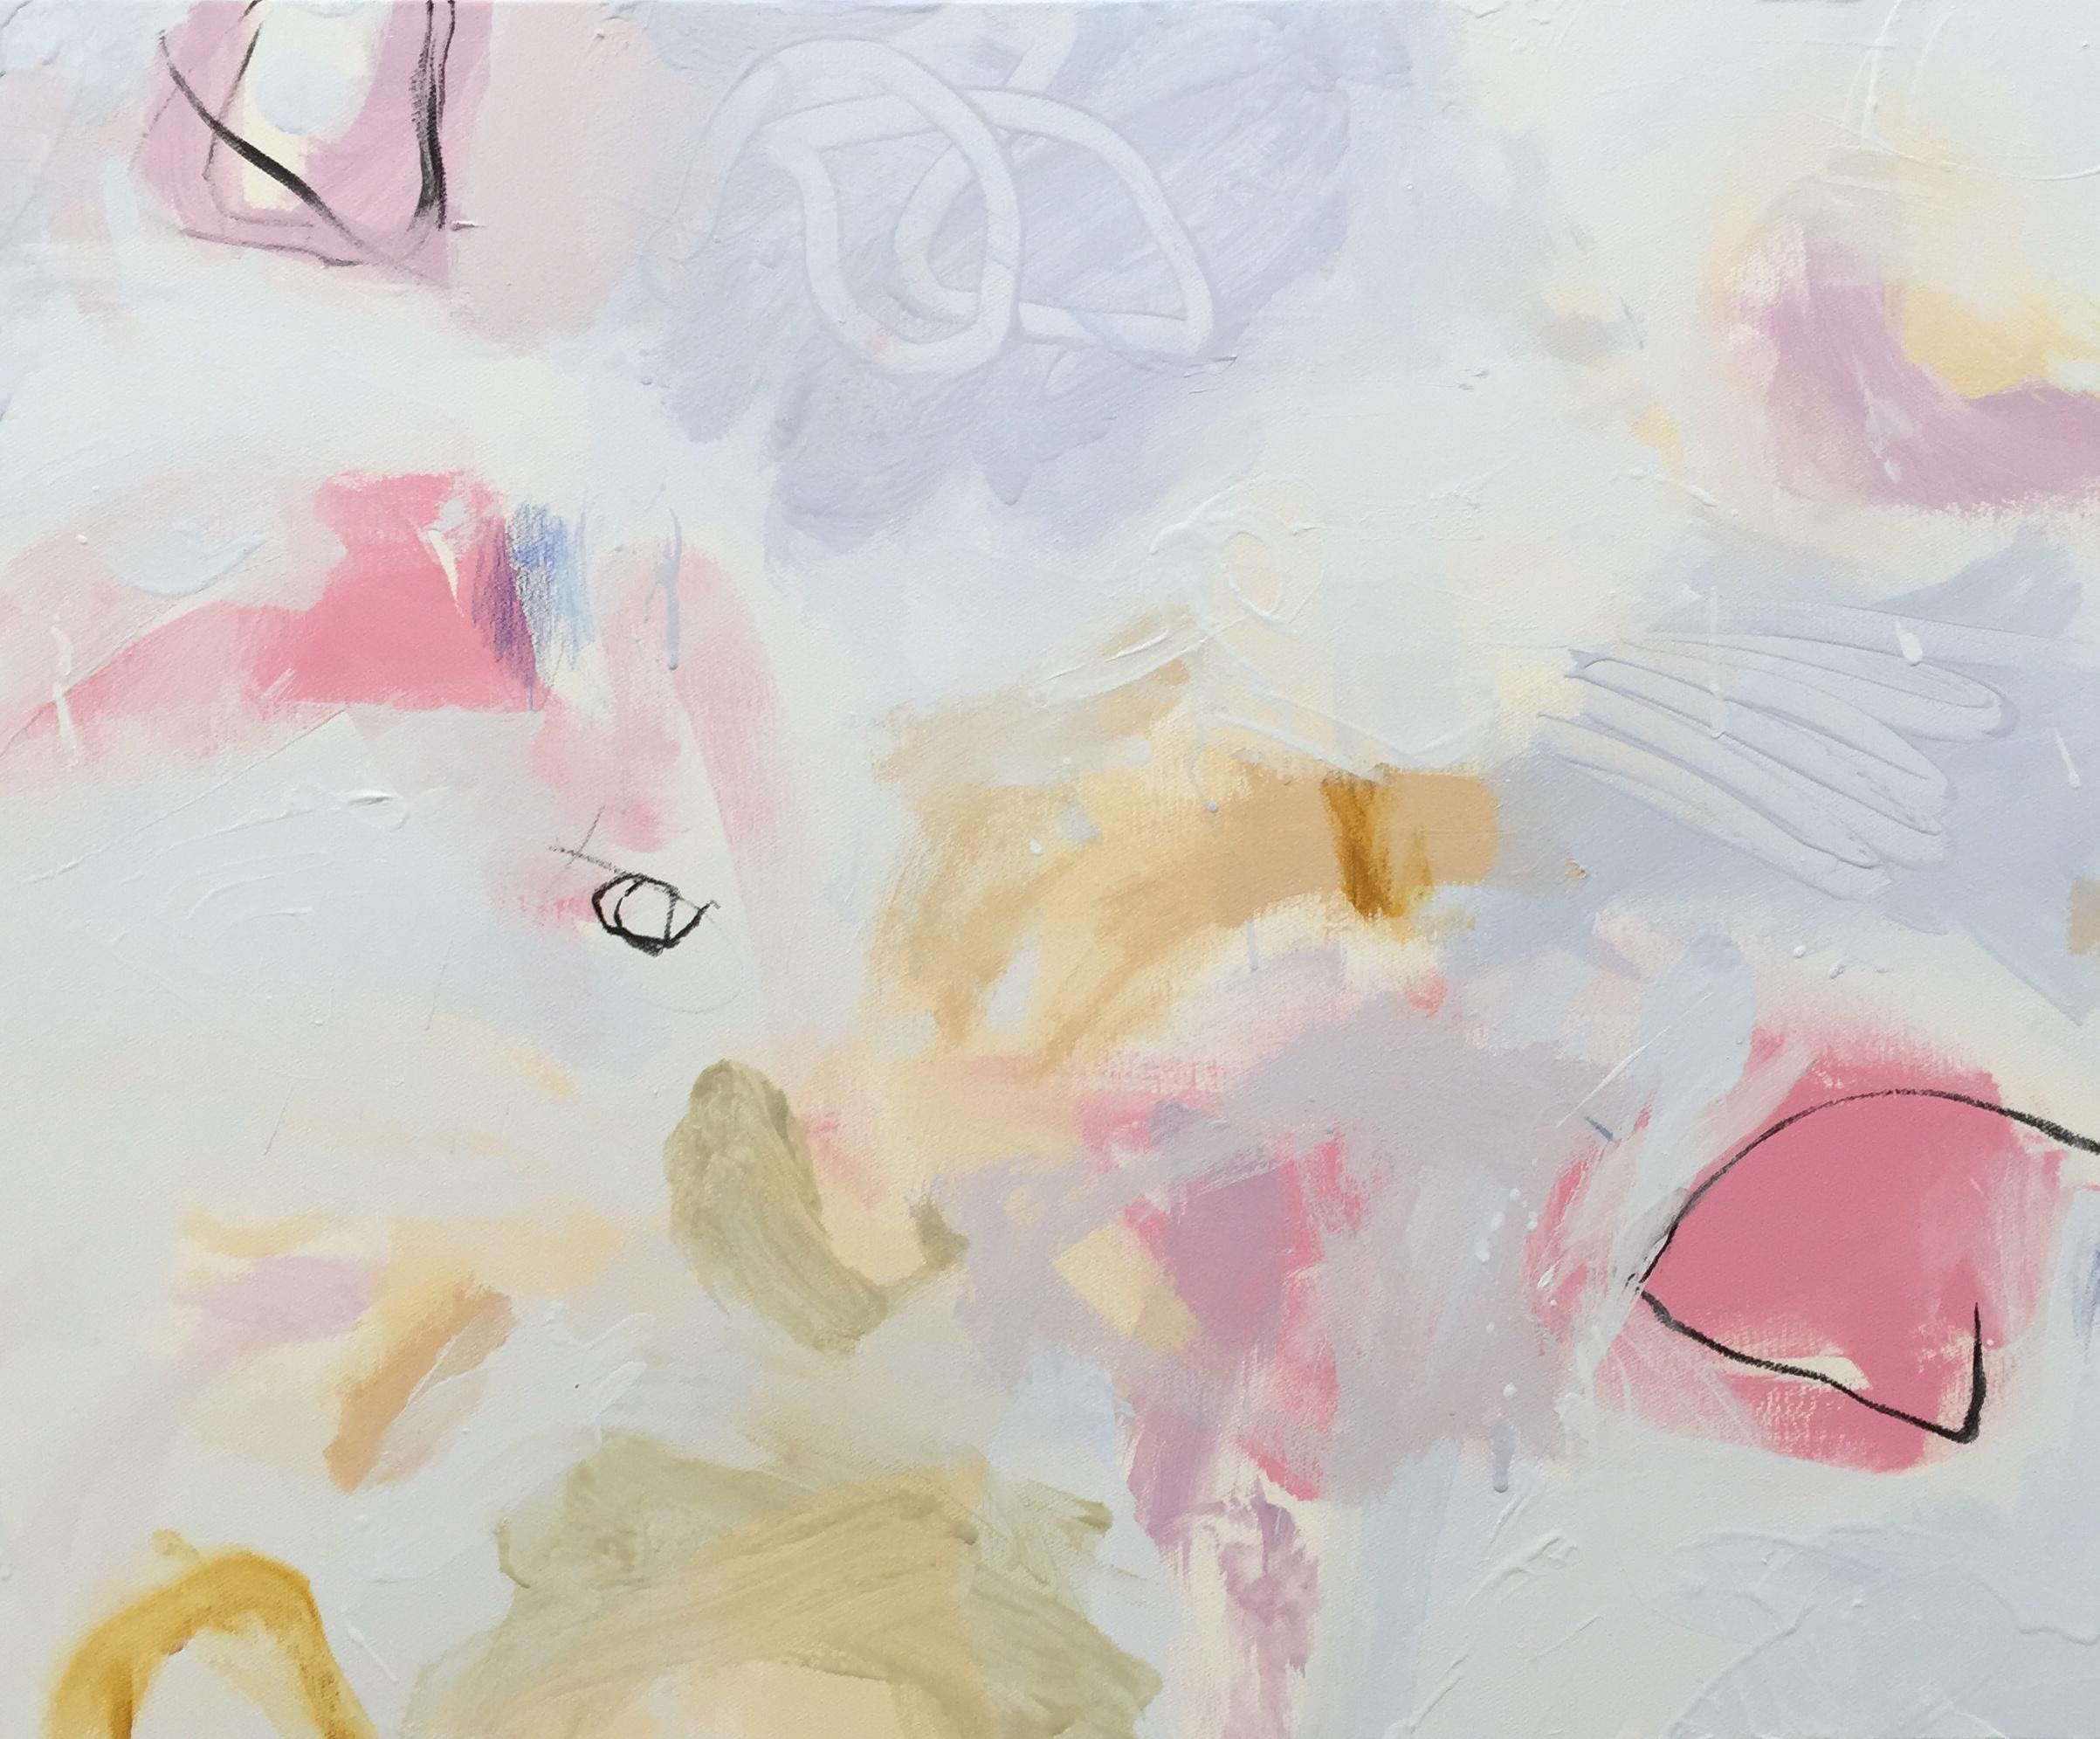 Ruth le Cheminant Covid19 1 acrylic on canvas 62cmx77cm